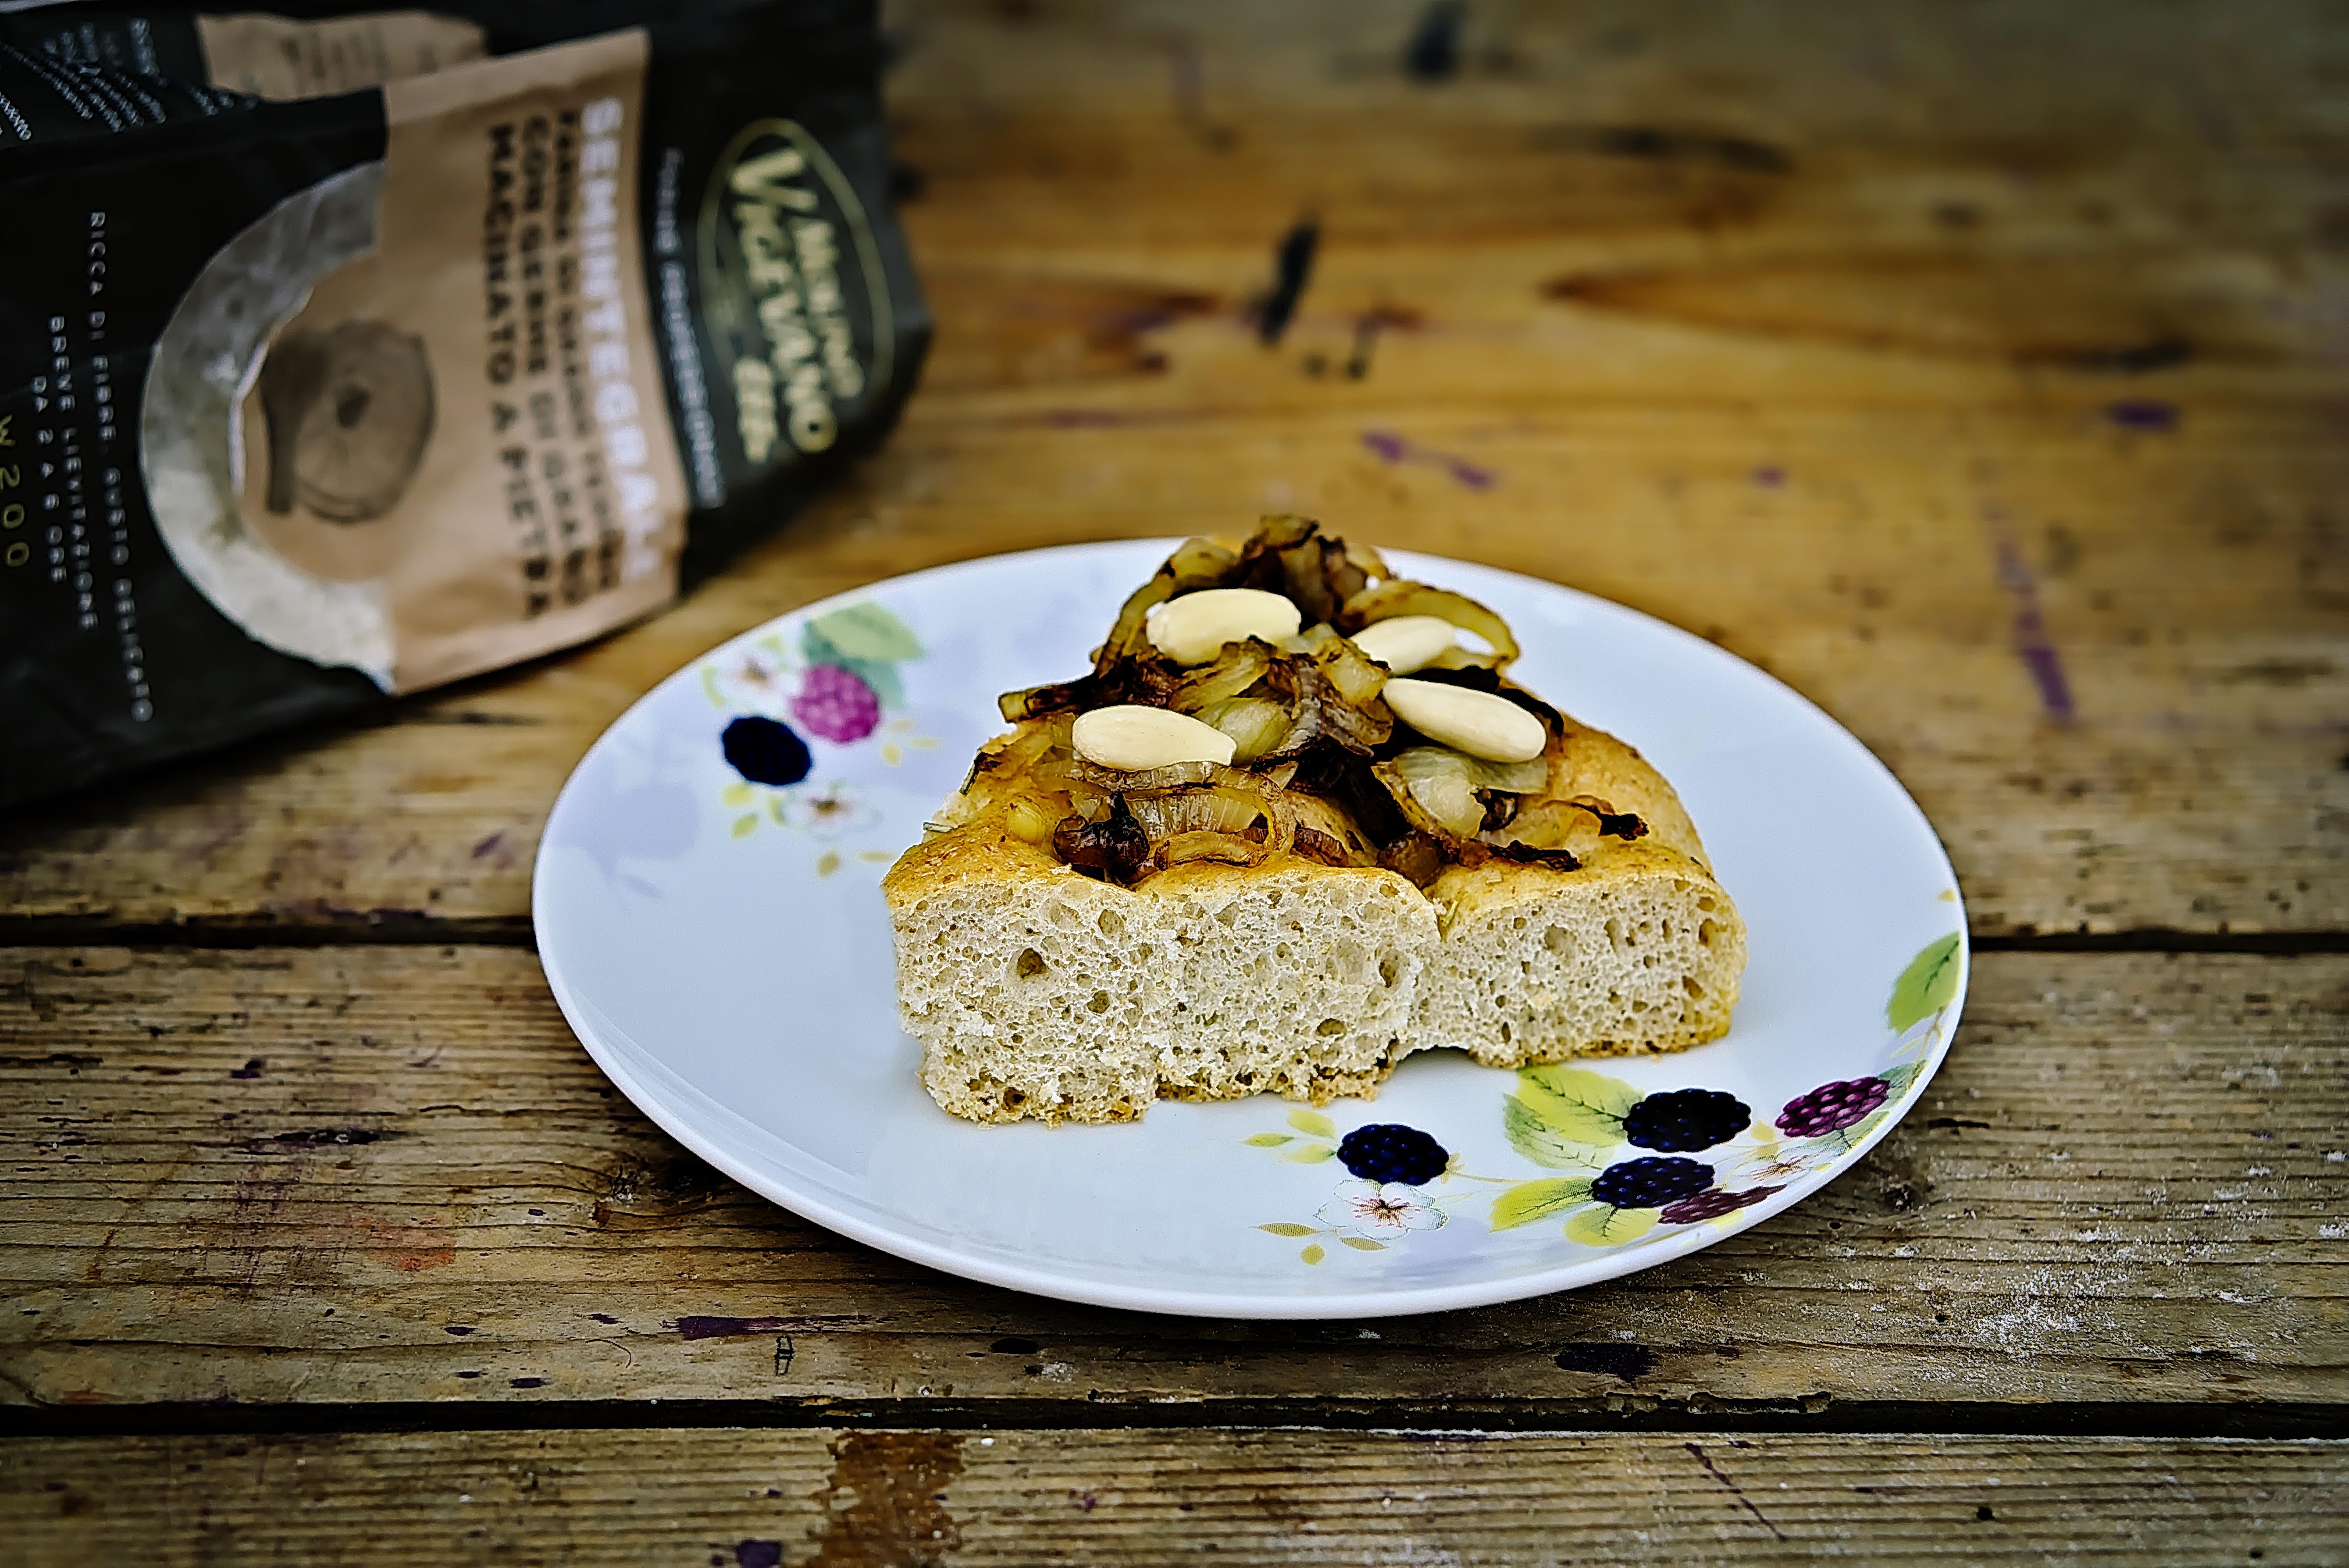 La Moreschina e la Semintegrale,  le farine di Molino Vigevano dal gusto unico che fanno bene alla salute